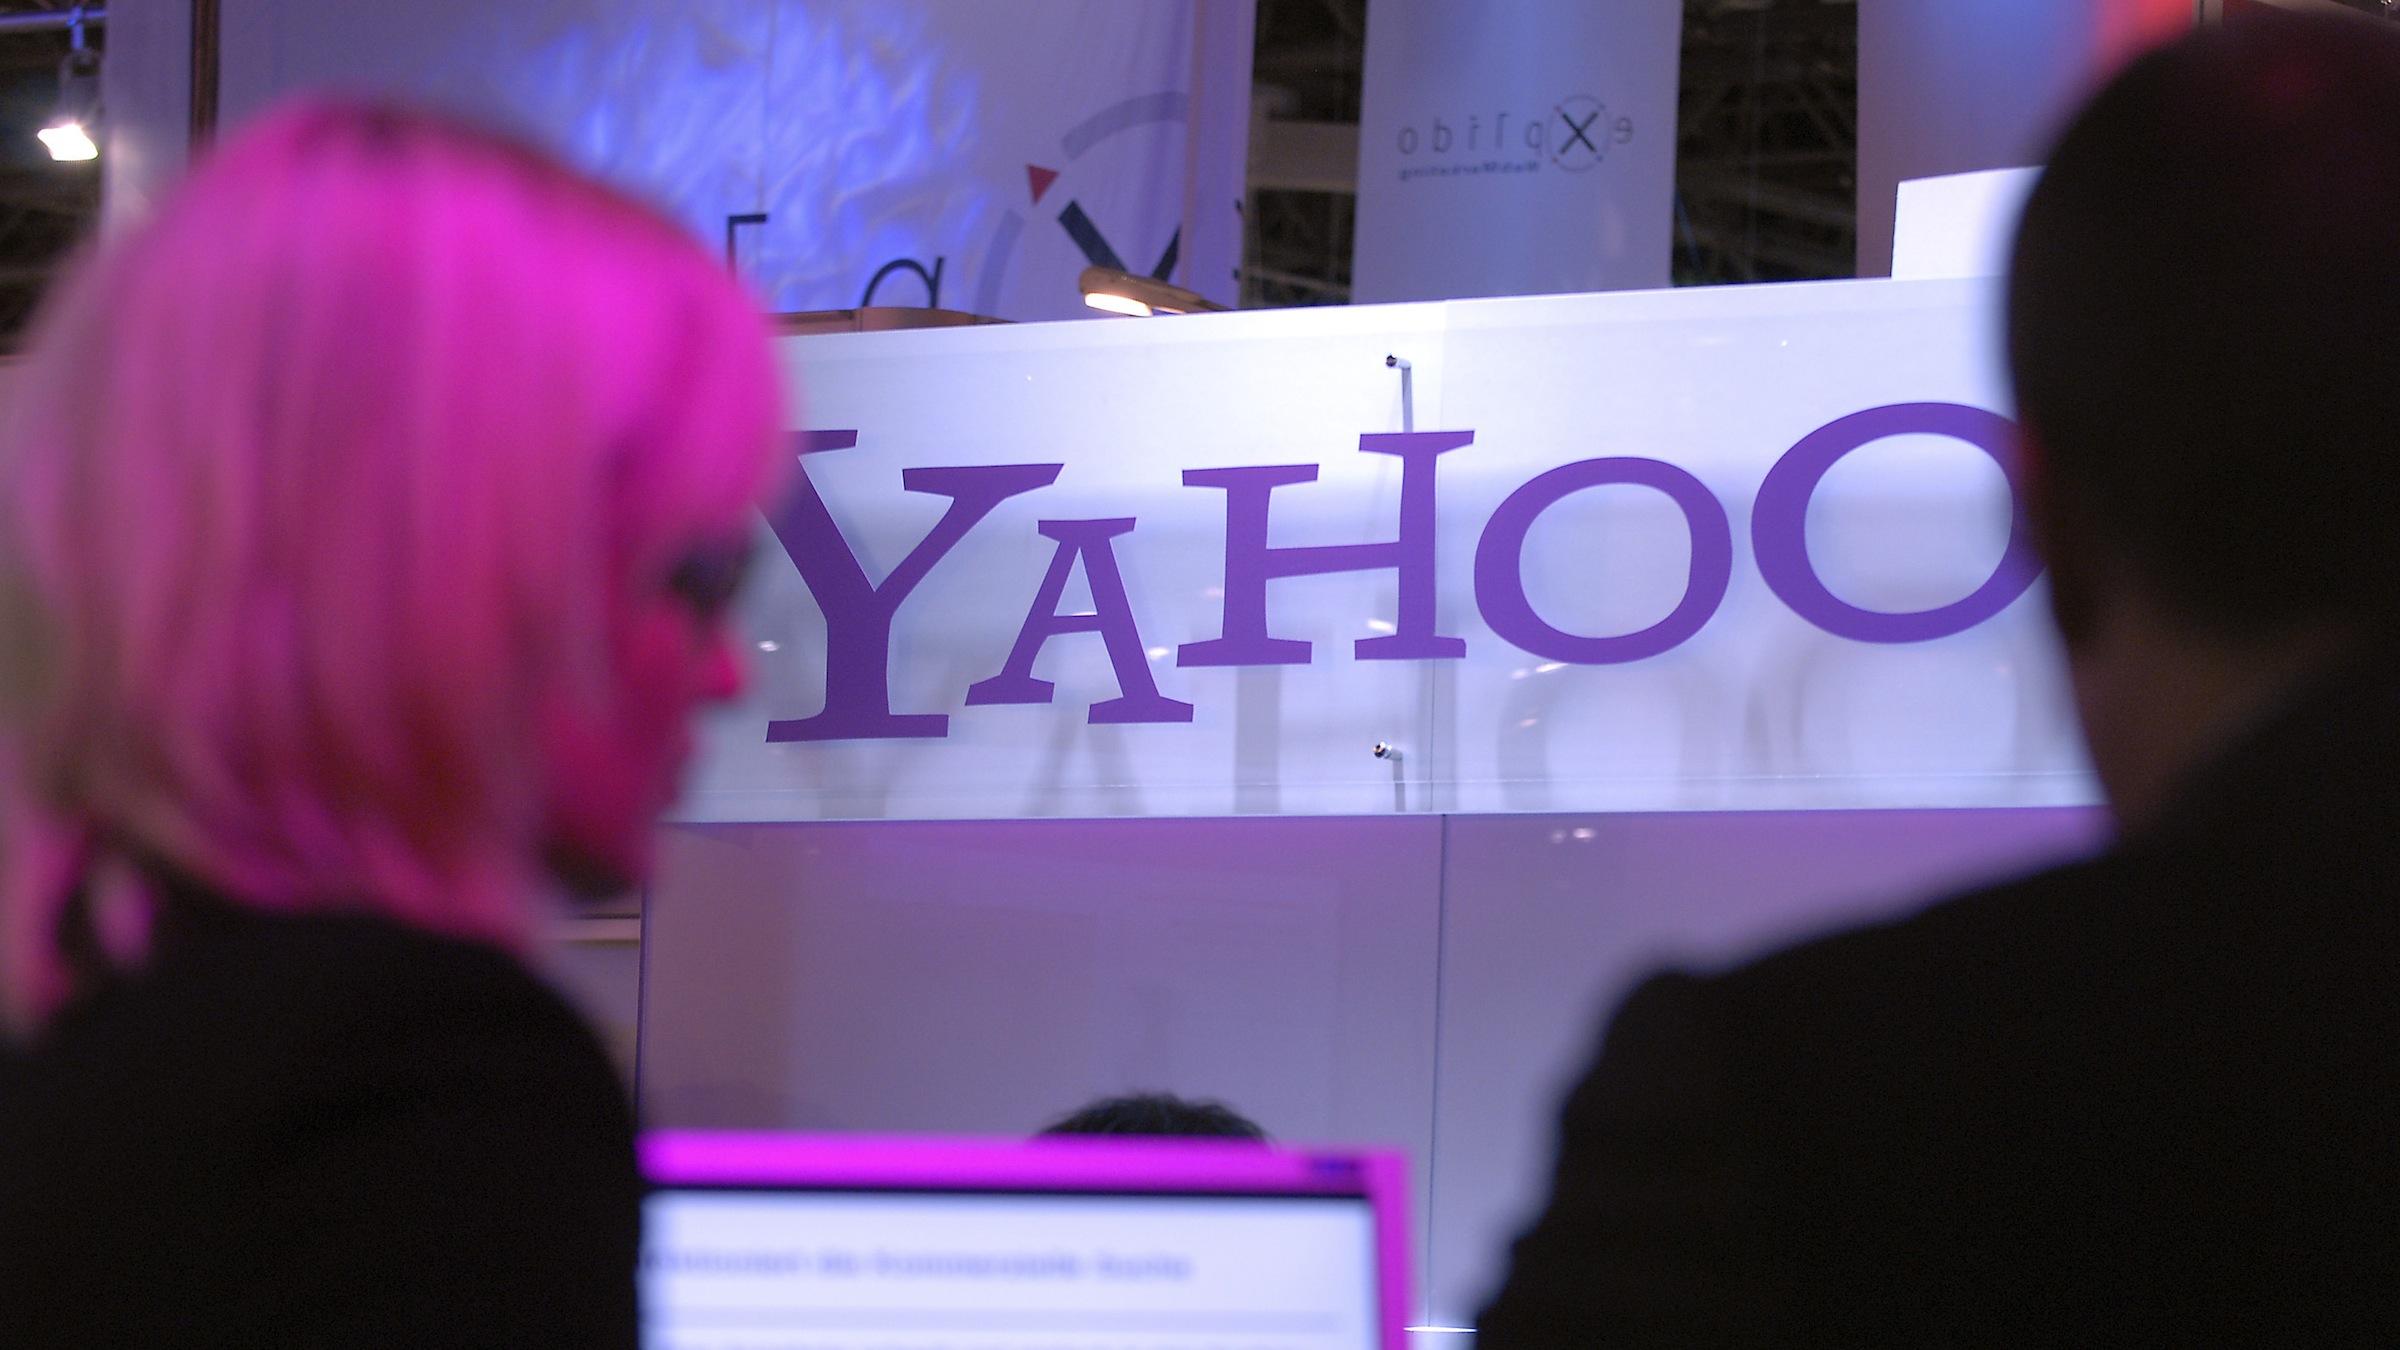 ARCHIV: Besucher stehen in Duesseldorf an einem Messestand der Firma Yahoo (Foto vom 25.09.07). Enttaeuschende Zahlen des Internetkonzerns daempften am Dienstag (17.07.12) die Aufregung um die Besetzung des Chefpostens. Im zweiten Quartal lag der Gewinn bei 227 Millionen Dollar (185,5 Millionen Dollar) oder 18 Cent pro Aktie, das entspricht einem Rueckgang von vier Prozent im Vergleich zum Vorjahreszeitraum. Analysten hatten einen Wert von 20 Cent pro Aktie erwartet. Der Umsatz ging im Zeitraum April bis Juni um ein Prozent auf 1,22 Milliarden Dollar (997 Millionen Dollar) zurueck. Die hoechsten Einnahmen des Internetunternehmens waren auf seine Anteile an der japanischen Version von Yahoo sowie der chinesischen Alibaba Group zurueckzufuehren. Die Einnahmen aus diesen Anteilen und anderen Investitionen beliefen sich zusammen auf 180 Millionen Dollar. Das entspricht einem Anstieg um 65 Prozent im Vergleich zum Vorjahr. (zu dapd-Text) Foto: Rene Tillmann/AP/dapd